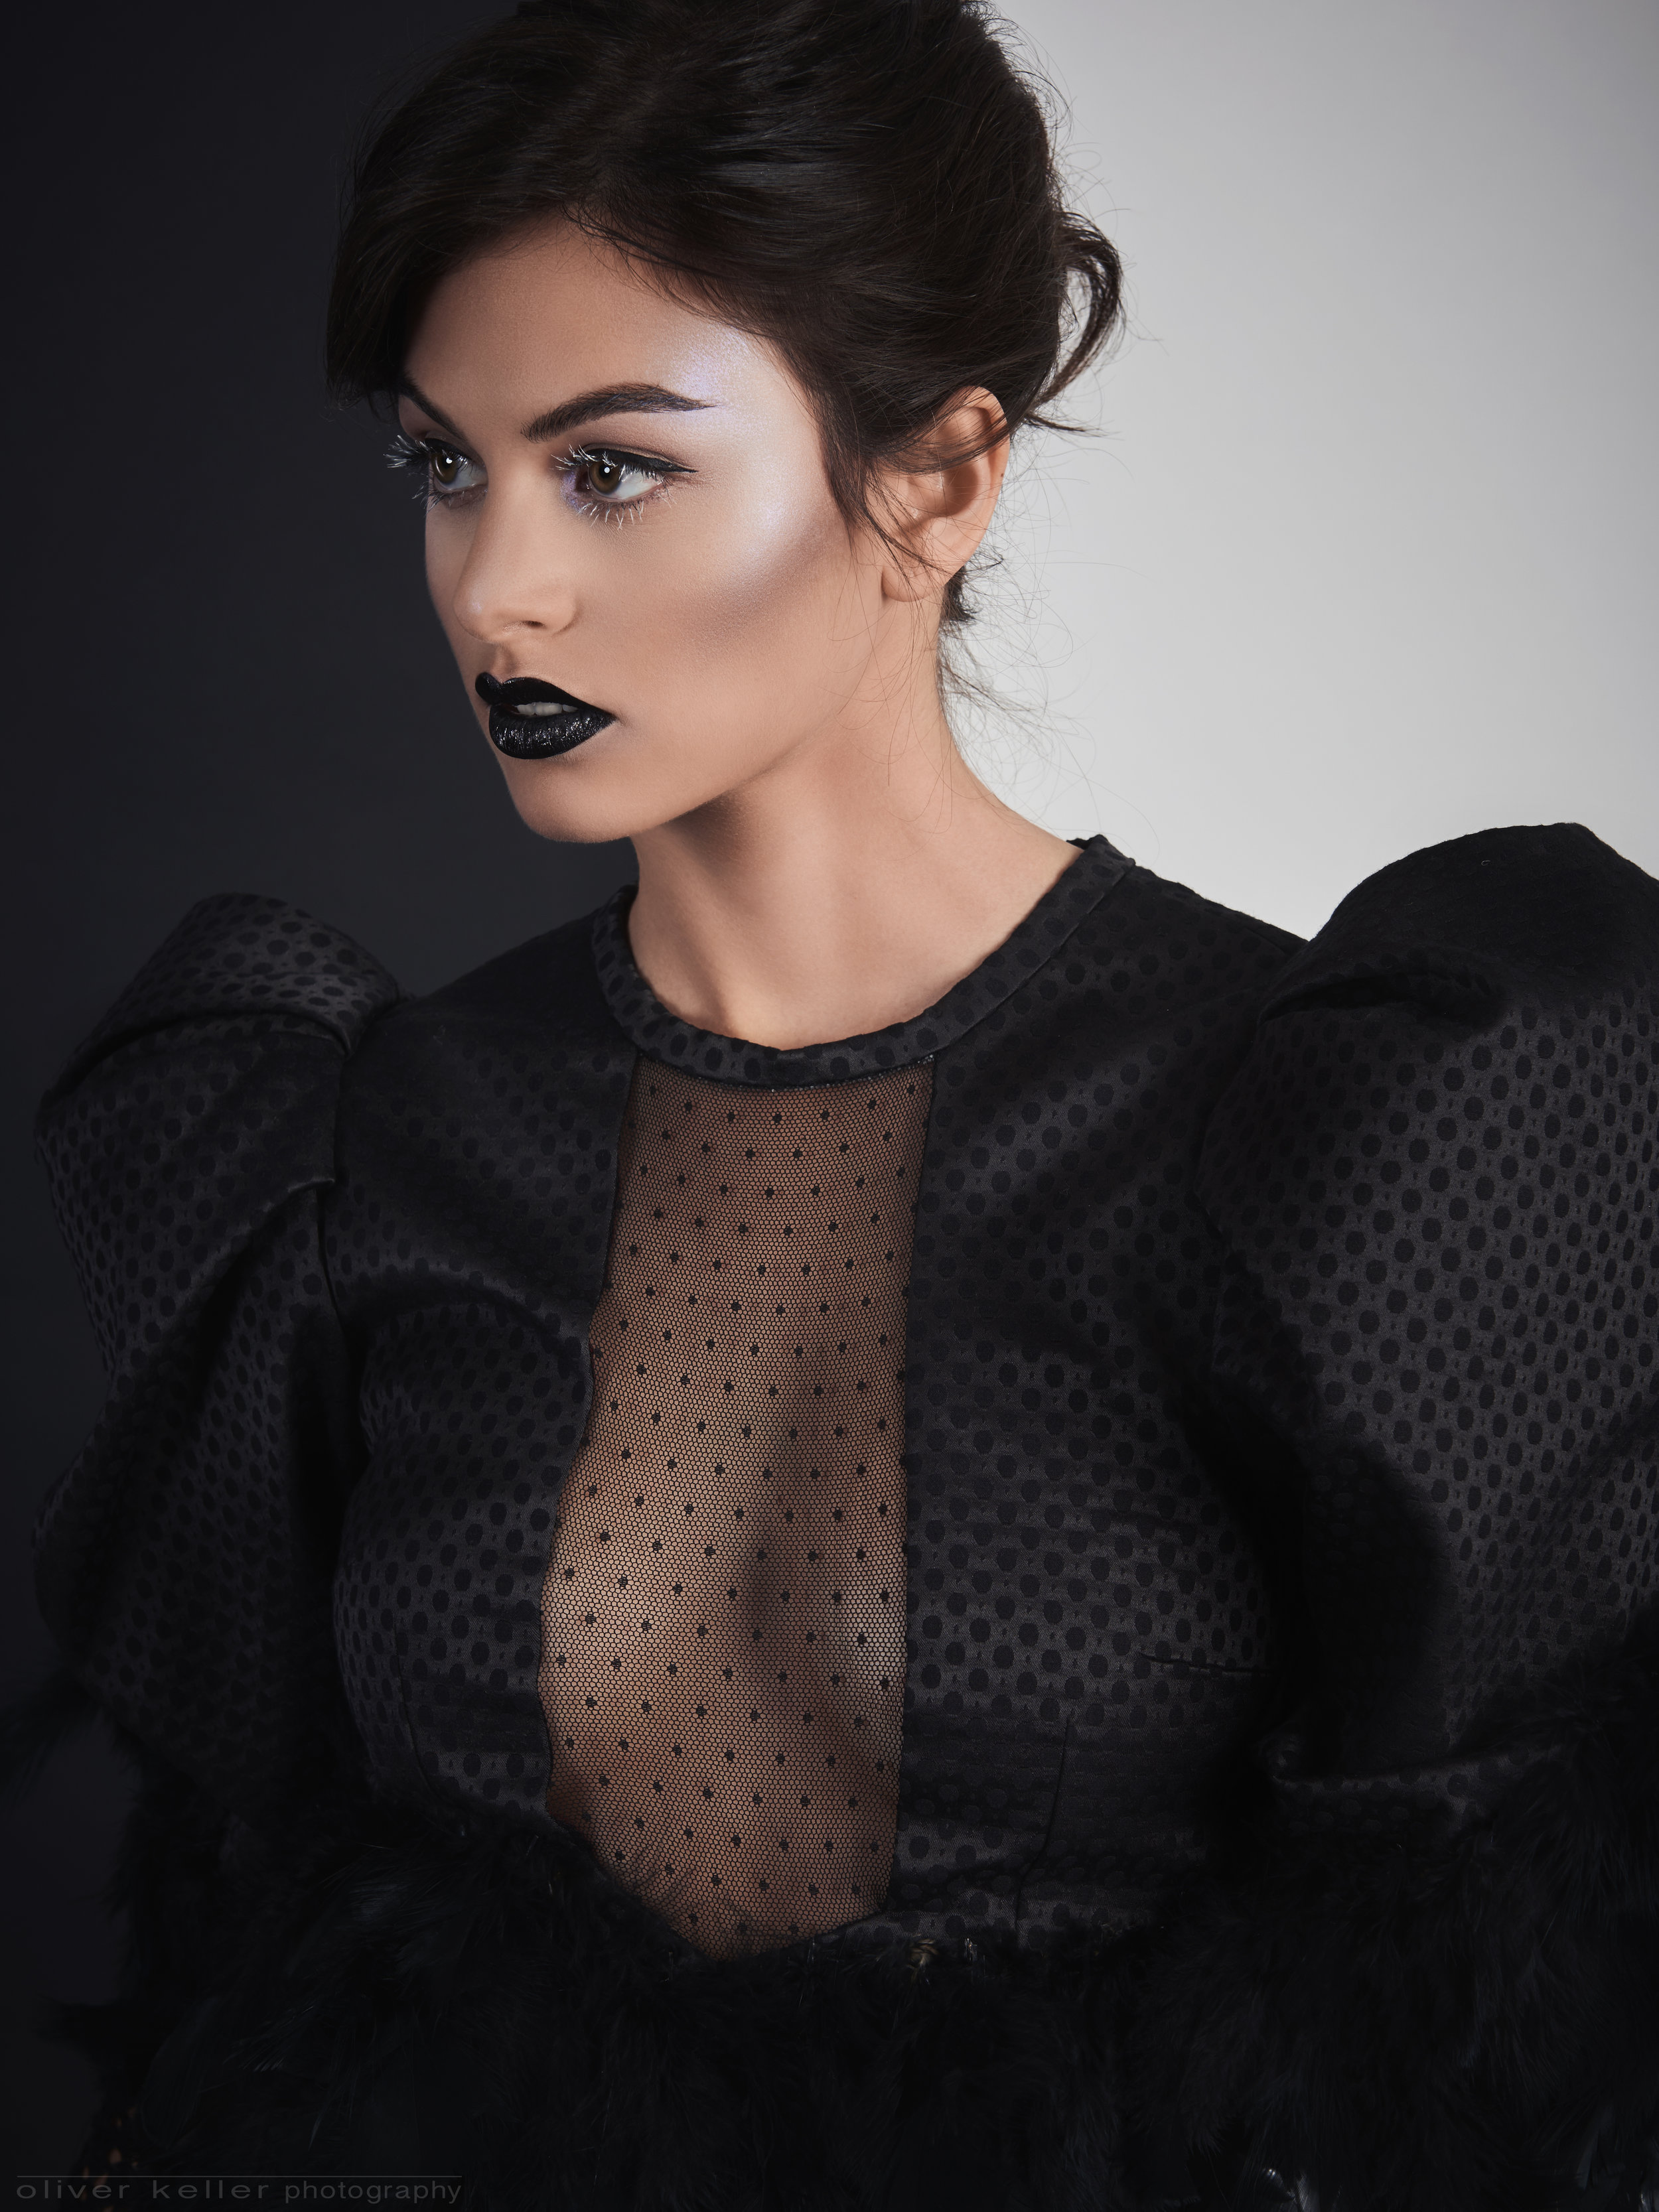 2018-06-18-Kathy-fashion17909.jpg